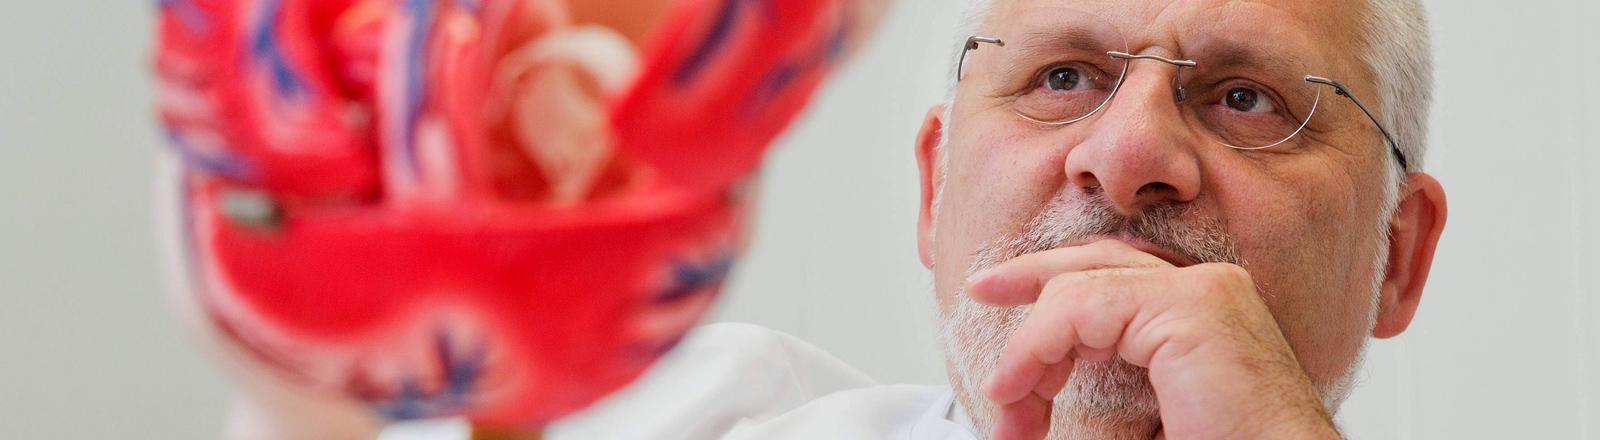 Der Mediziner Jürgen Schäfer erforscht seltene Krankheiten.